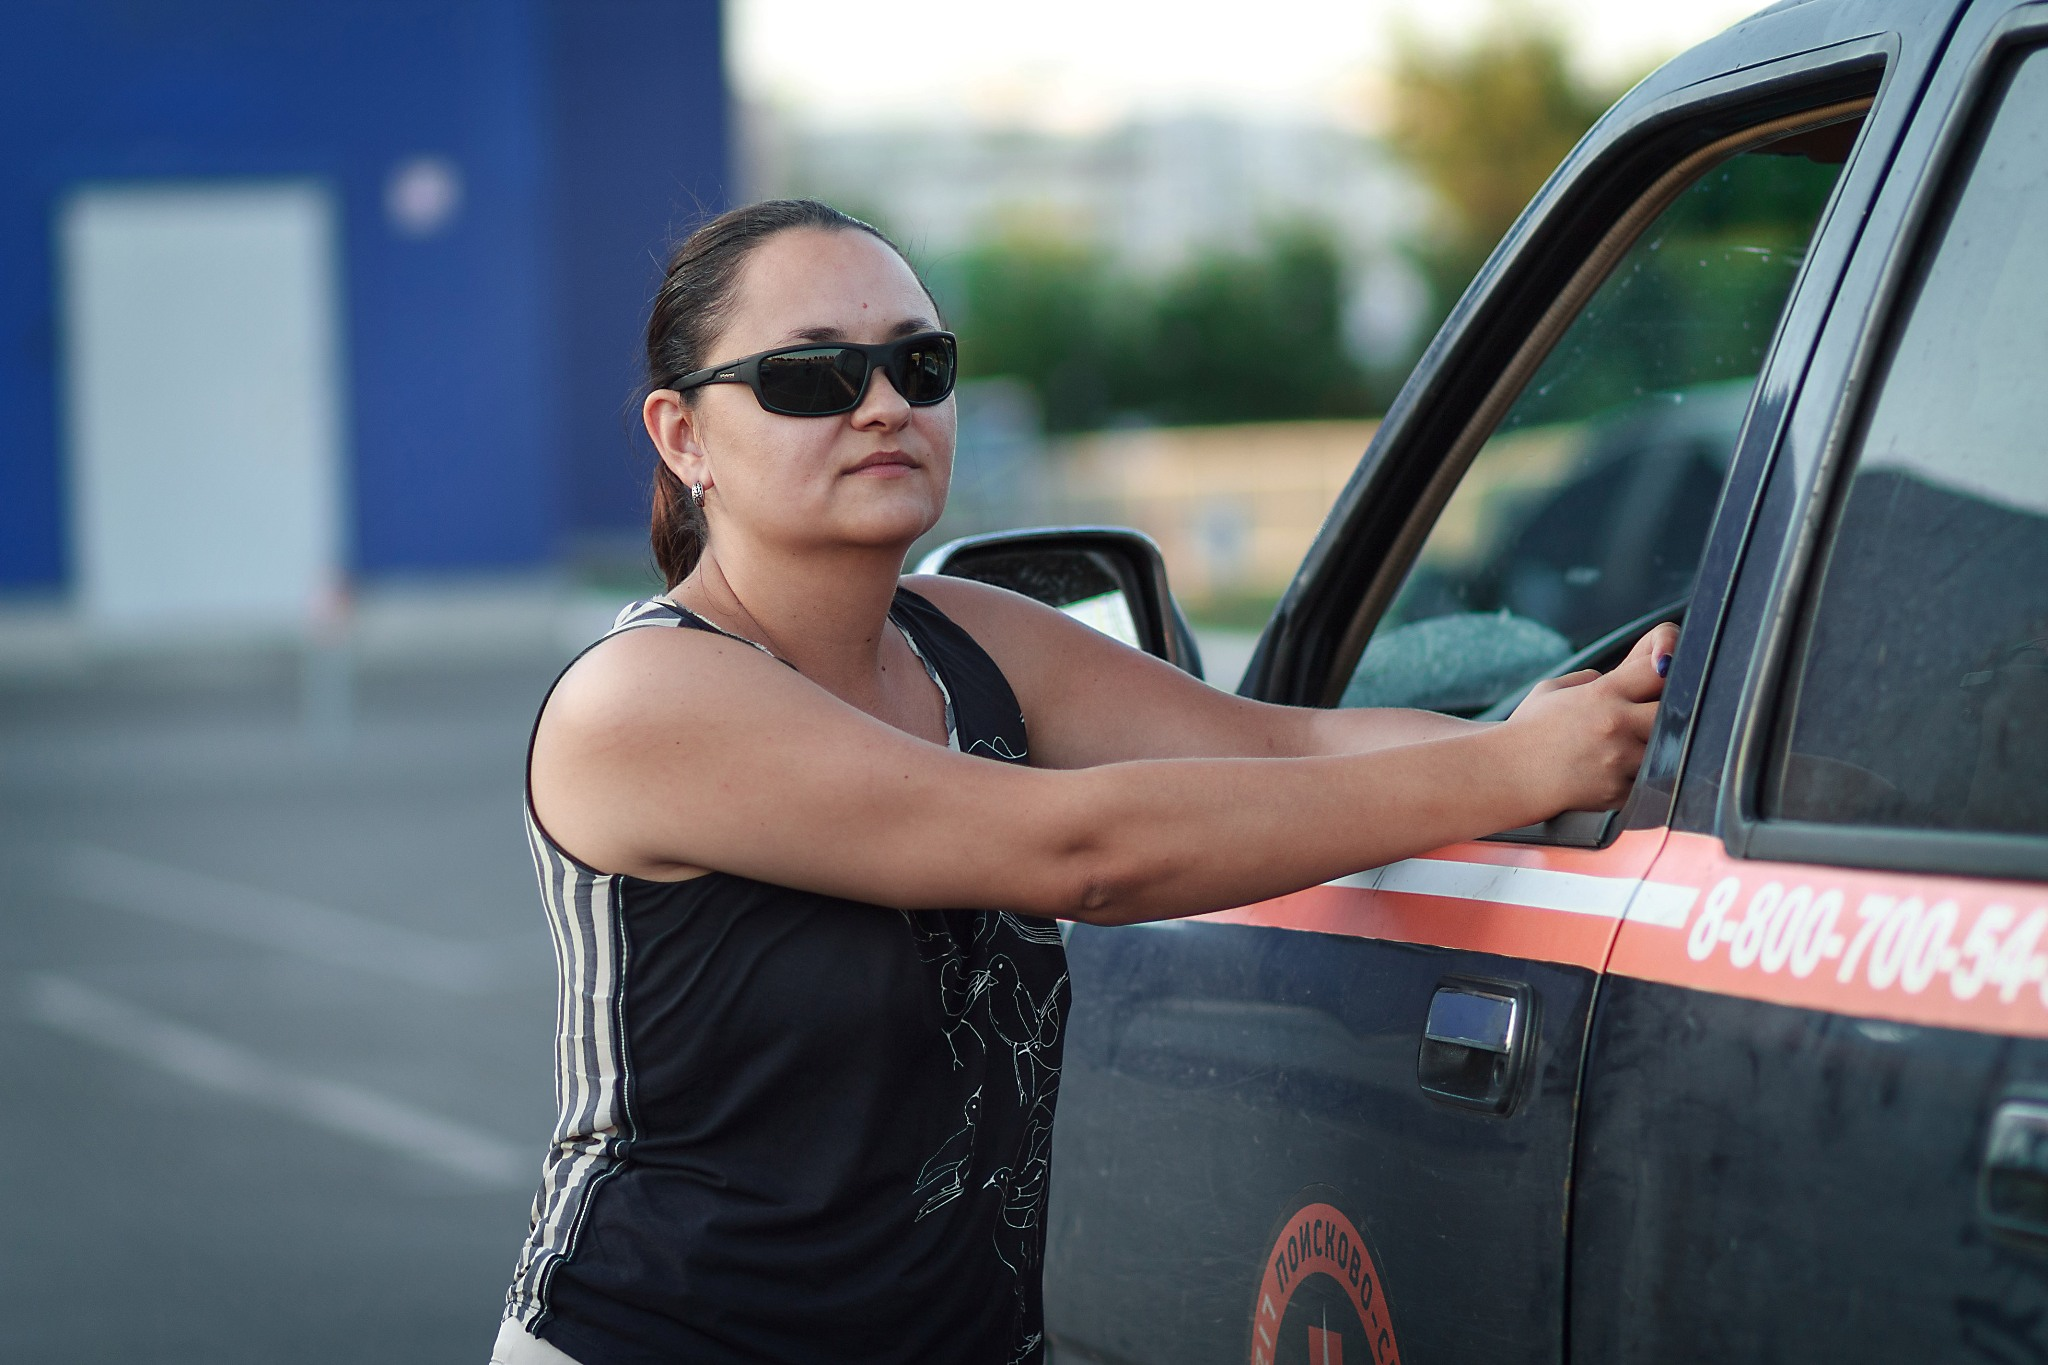 Женщина и машина.  Почему инструктор по безопасному вождению считает, что её невозможно обогнать